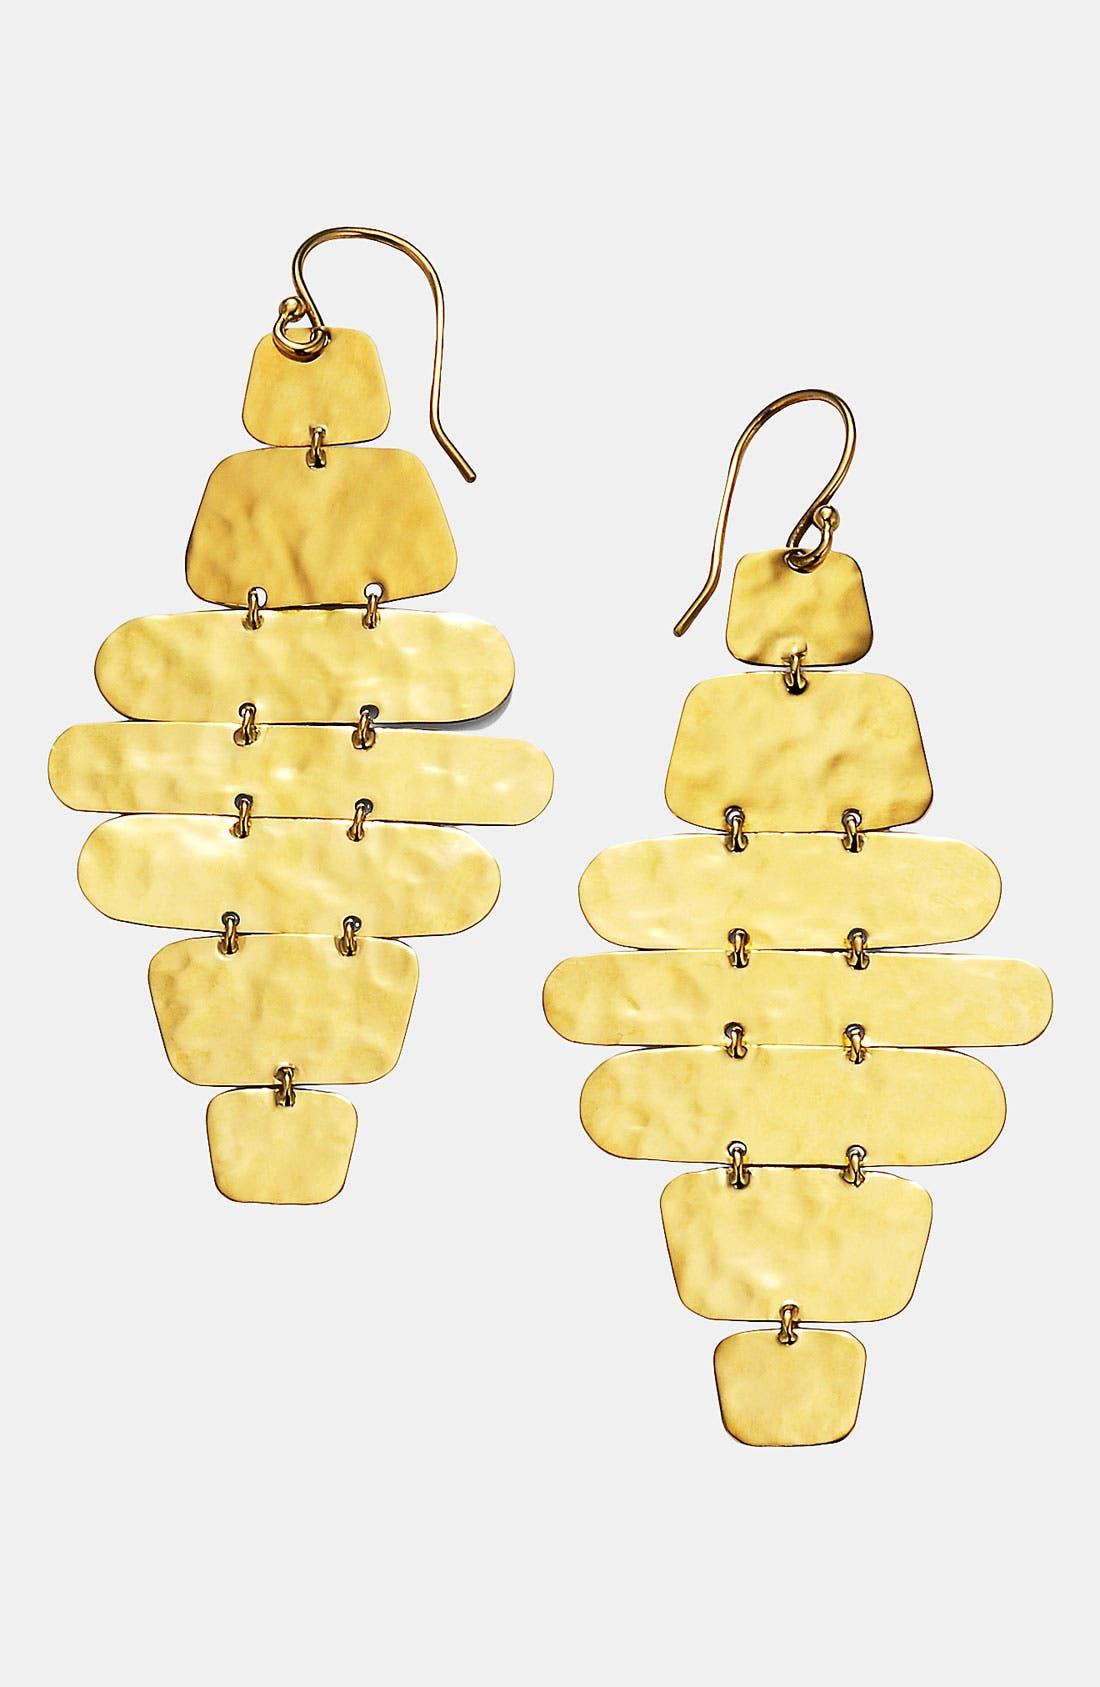 Alternate Image 1 Selected - Ippolita 'Crinkle' Hammered 18k Gold Cascade Earrings